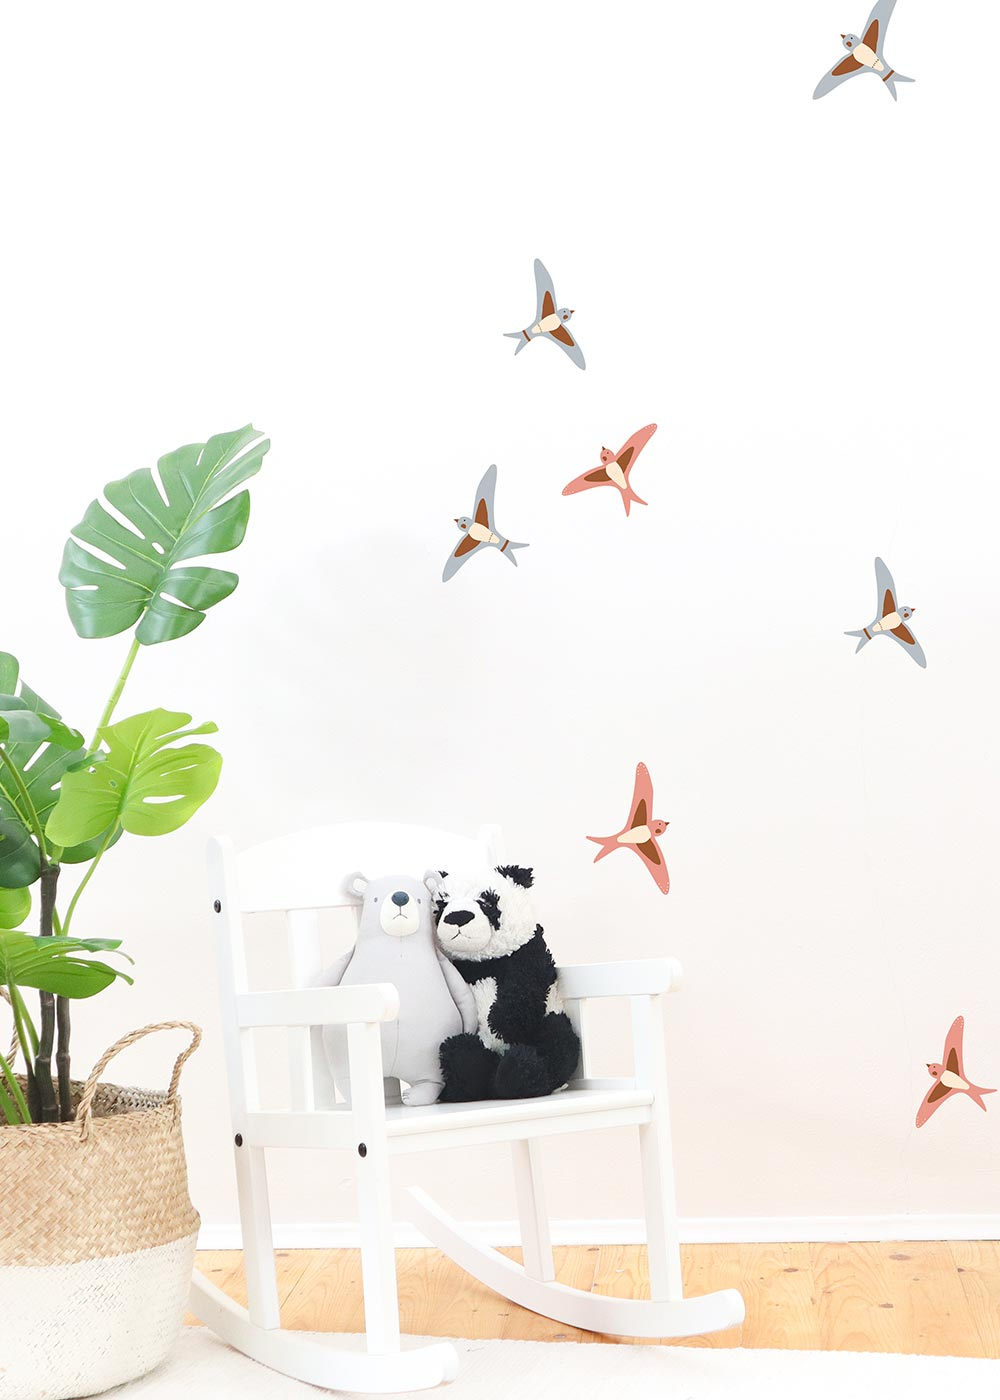 Wandtattoo Vögel Wandgestaltung im Kinderzimmer Camel Ausschnitt